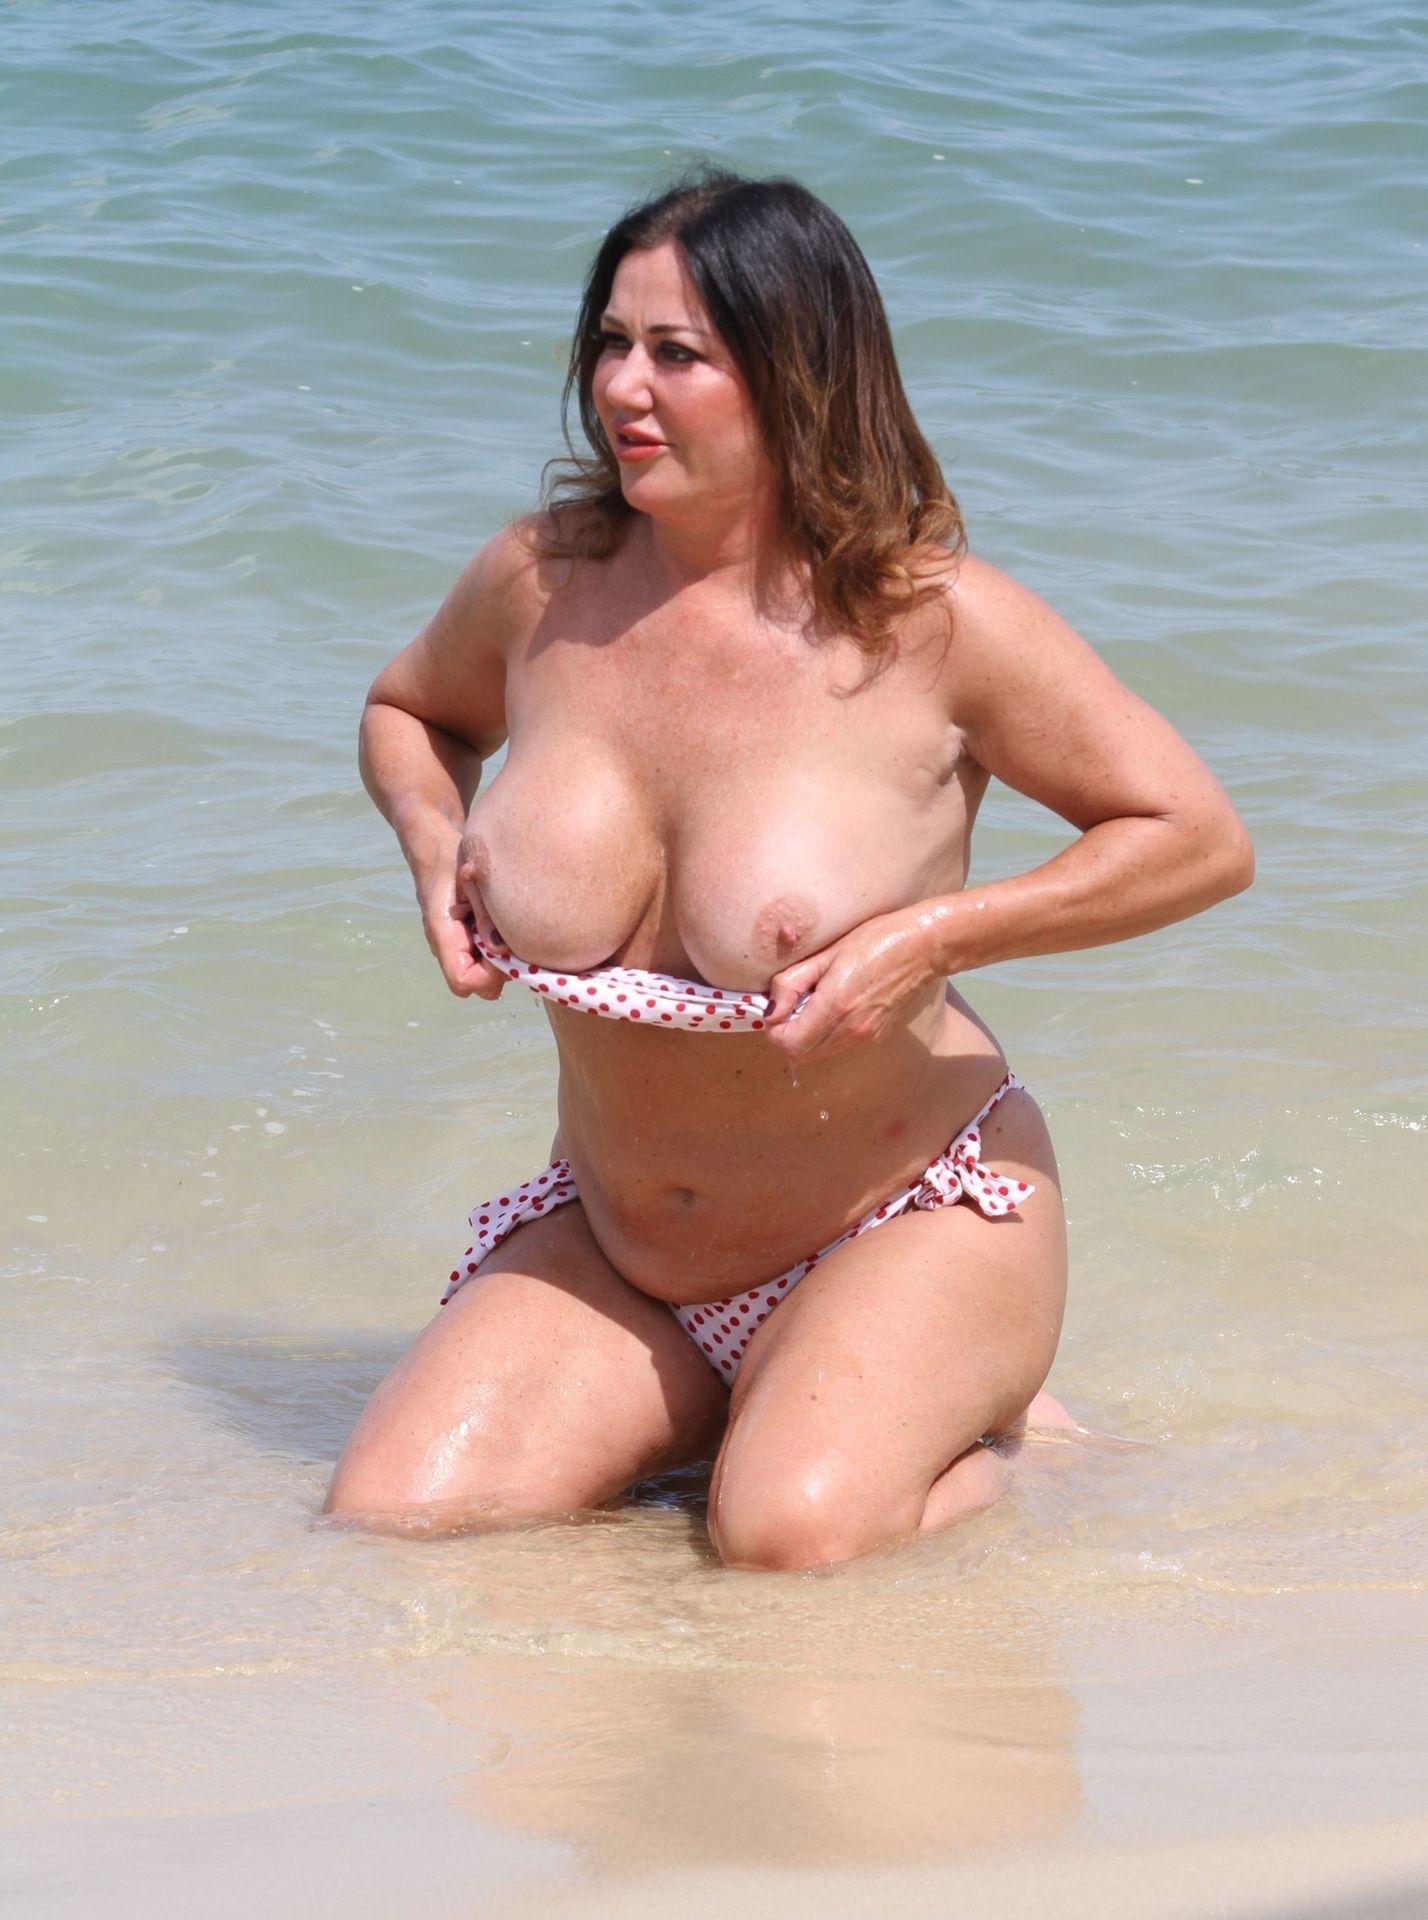 Lisa Appleton Hot & Topless 0011